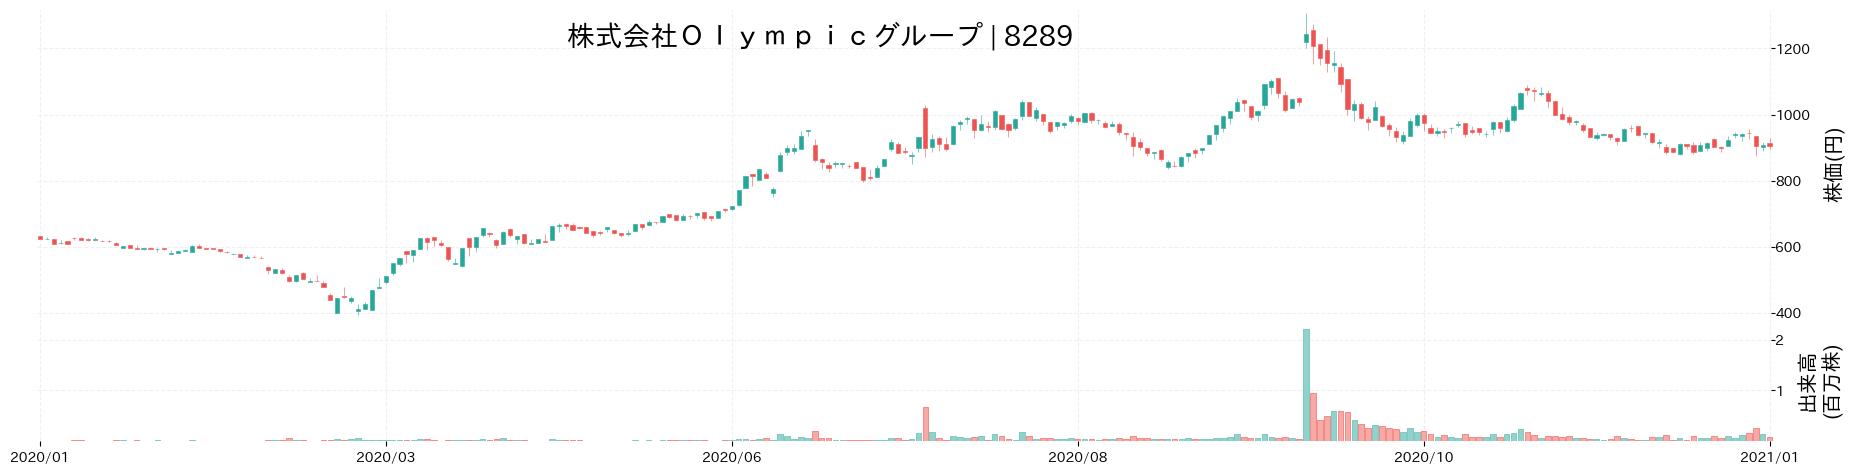 株式会社Olympicグループの株価推移(2020)